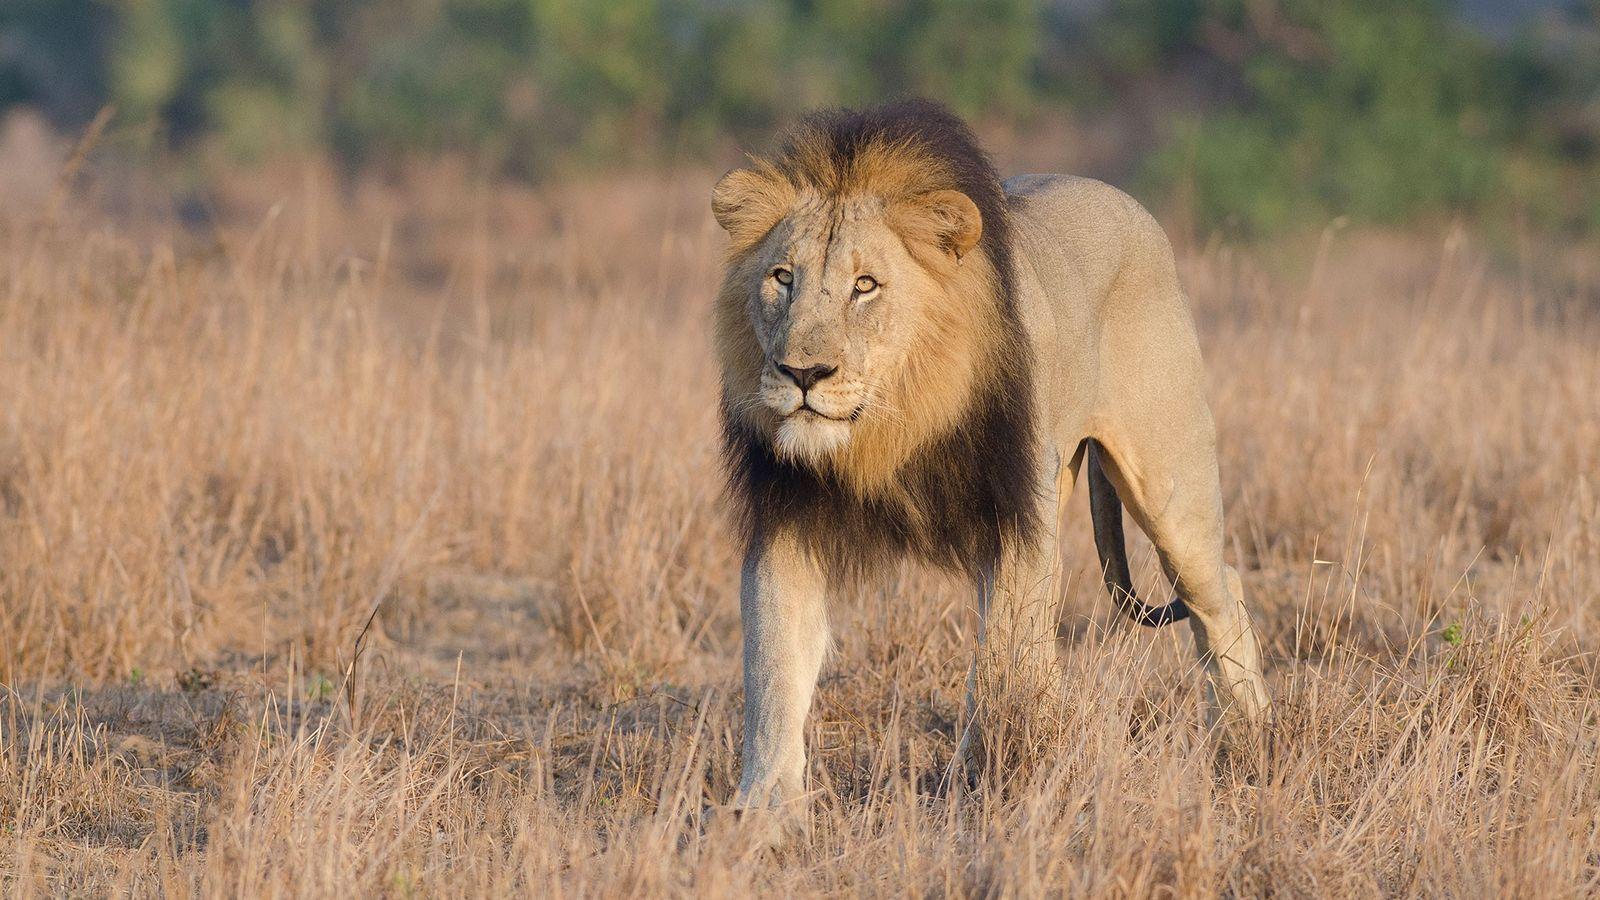 Este león fue fotografiado en una reserva de caza en Sudáfrica. Esta semana, otra reserva fue ...